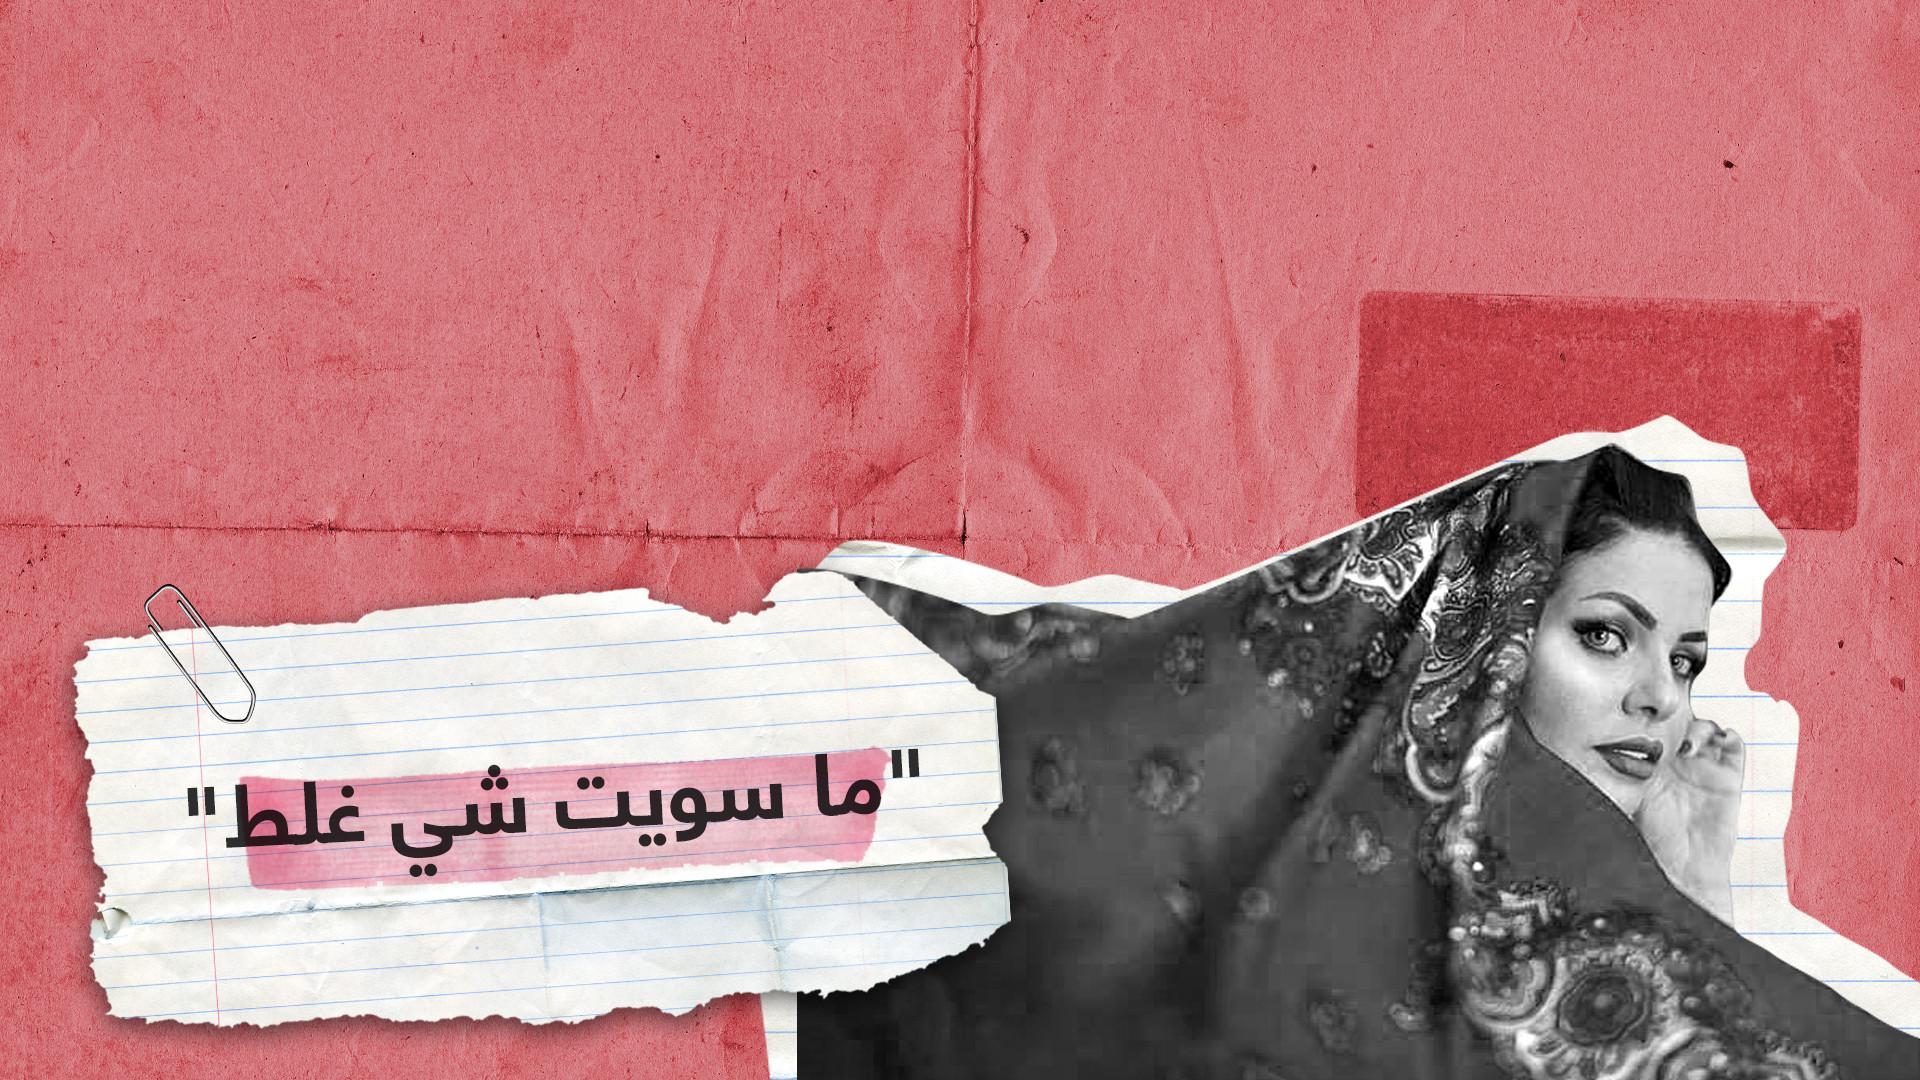 بعد الجدل حولها.. عارضة أزياء عراقية توضح حقيقة جلسة التصوير في جامع